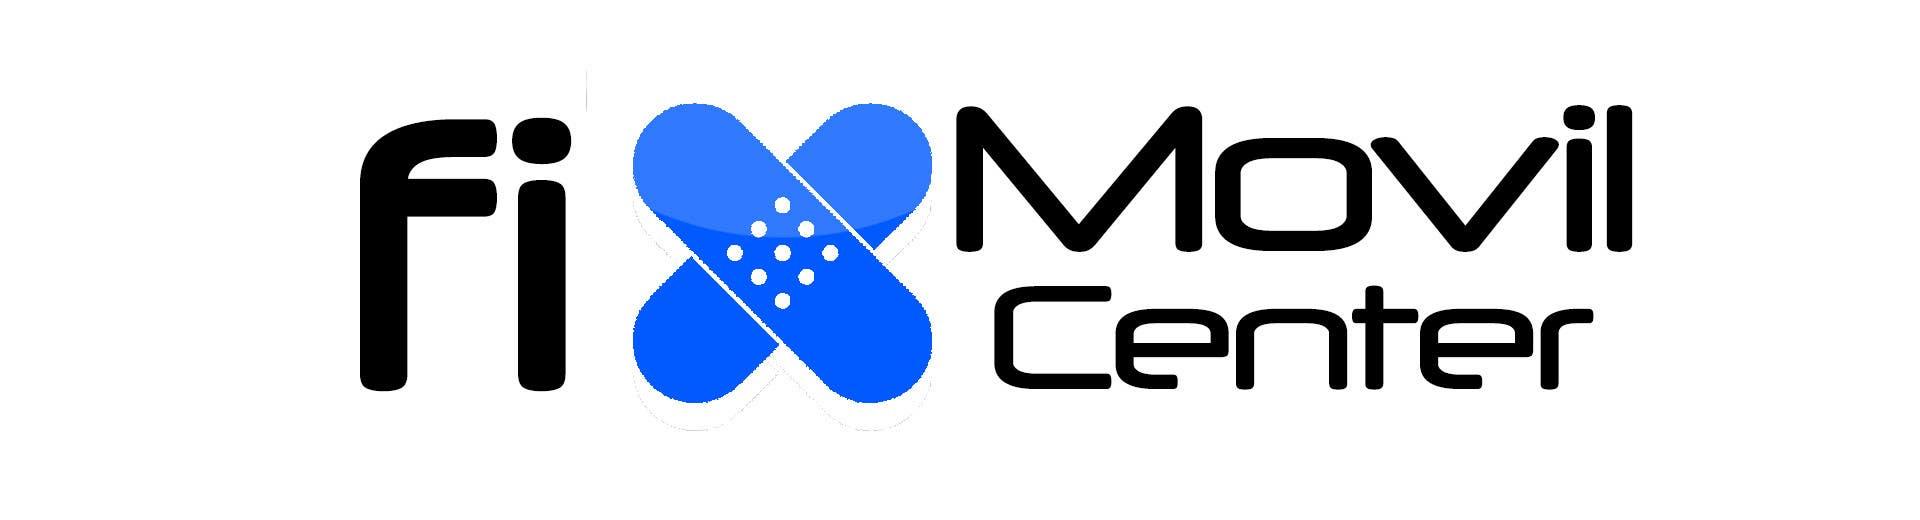 d585abddbab Contest Entry #7 for Diseñar un logotipo para centro de servicio de  reparacion de celulares